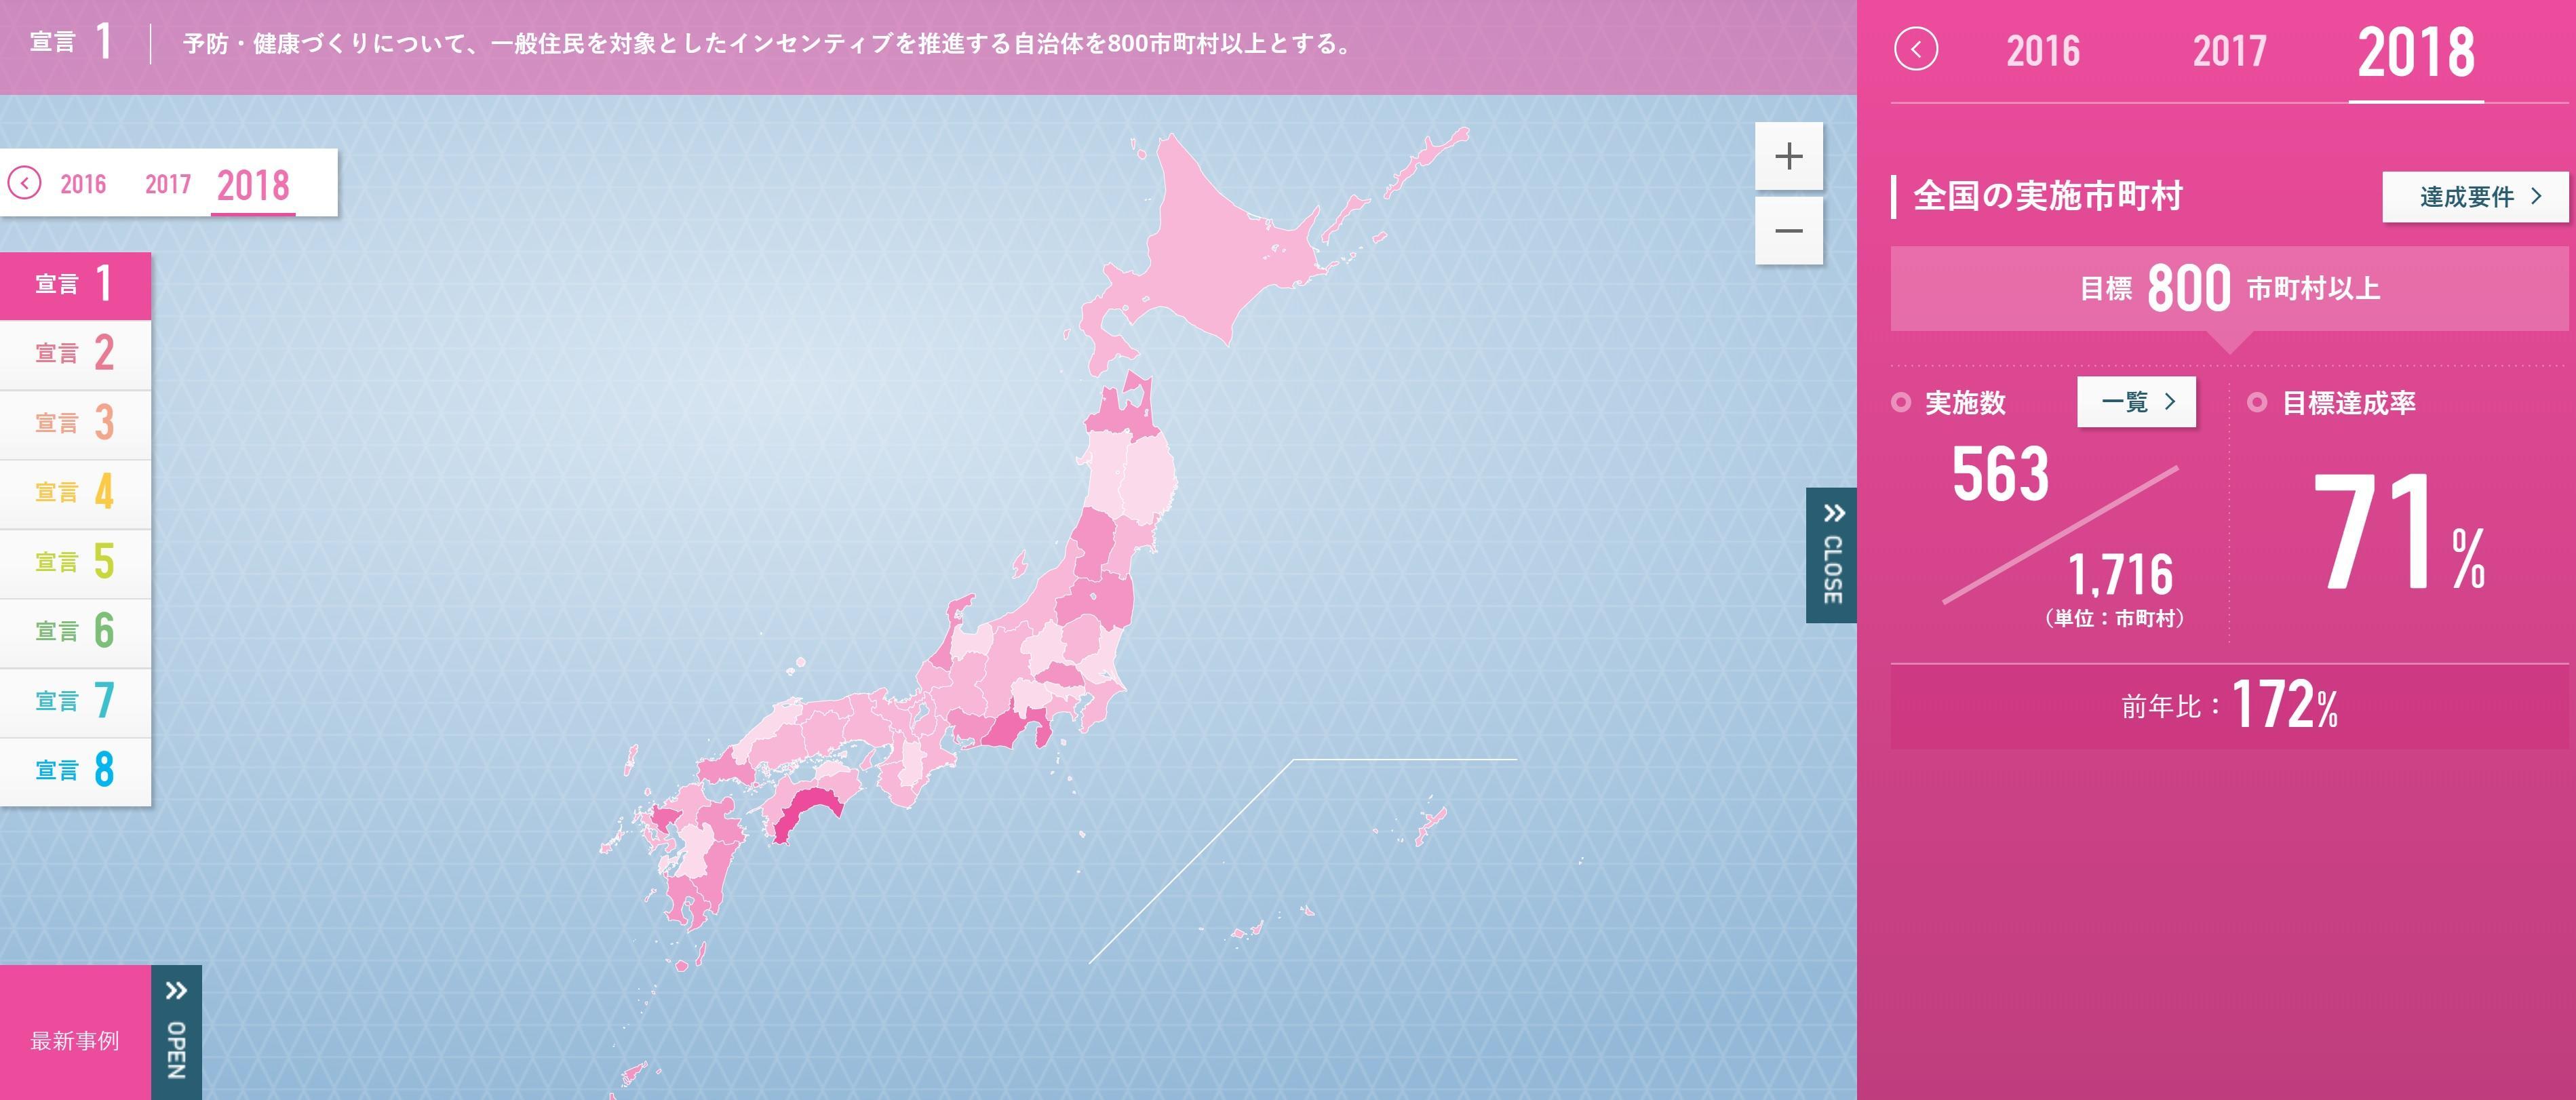 日本健康会議.jpg